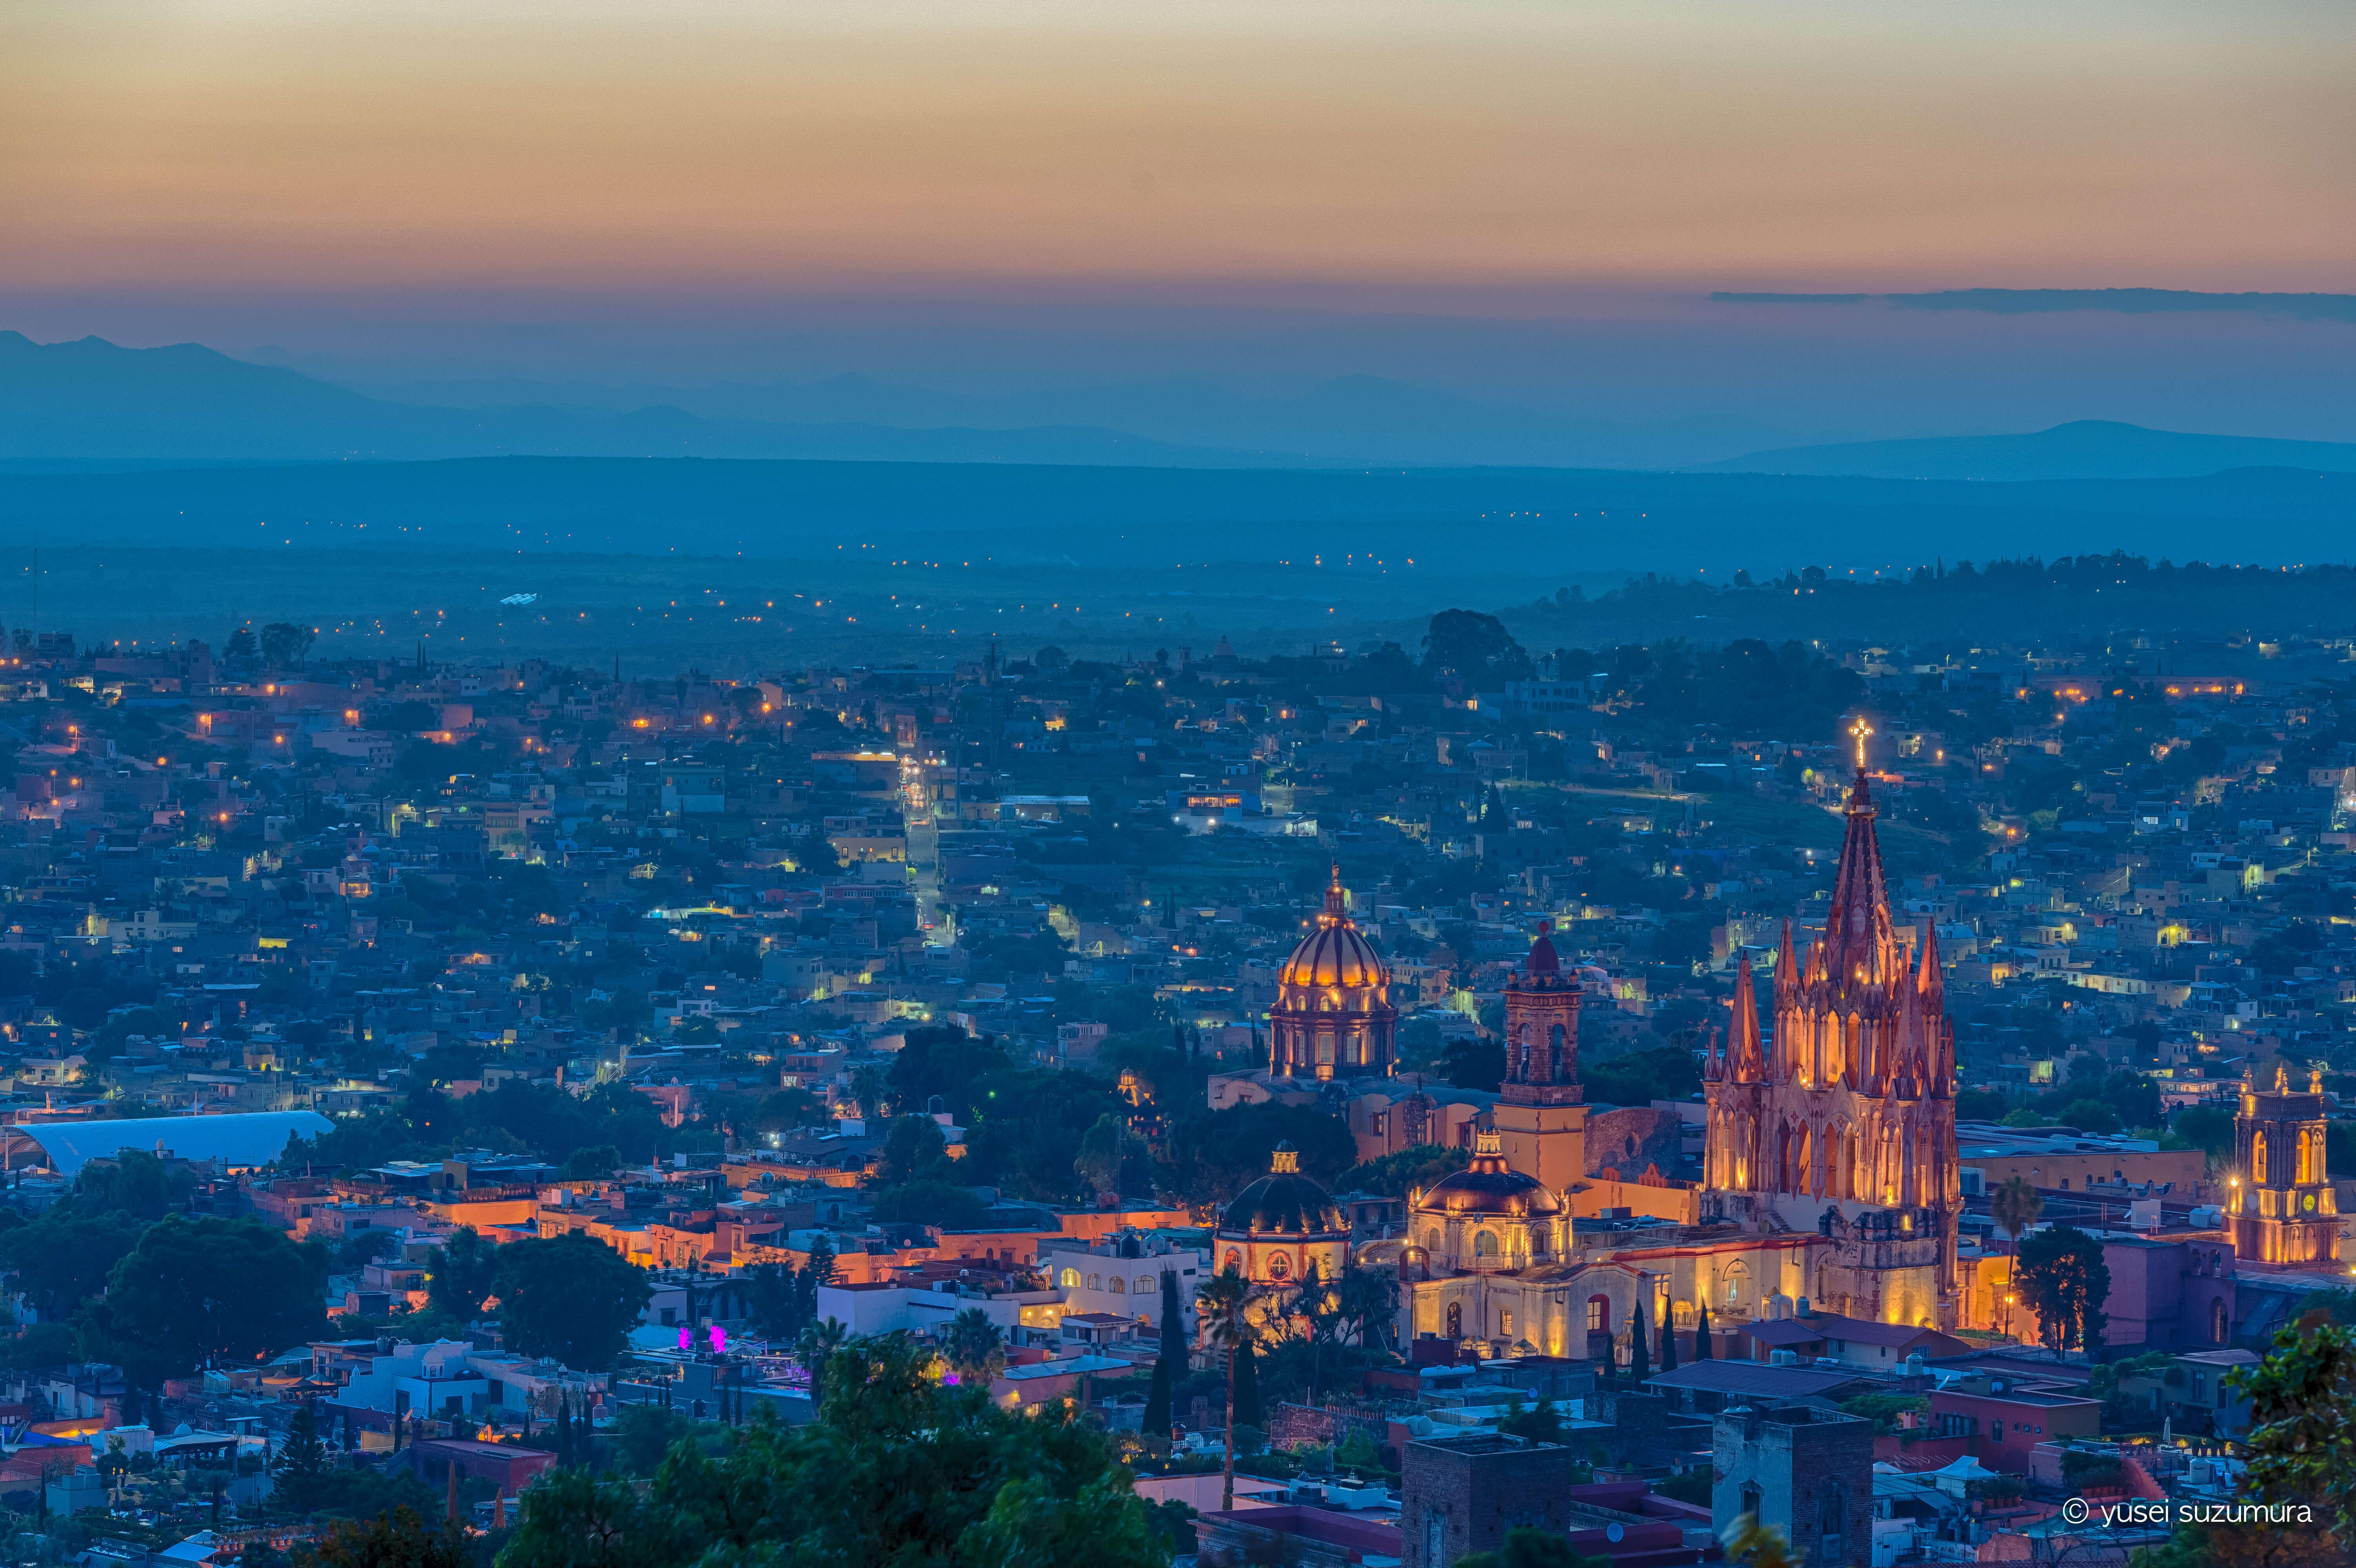 世界遺産の街、サン・ミゲル・デ・アジェンデへ